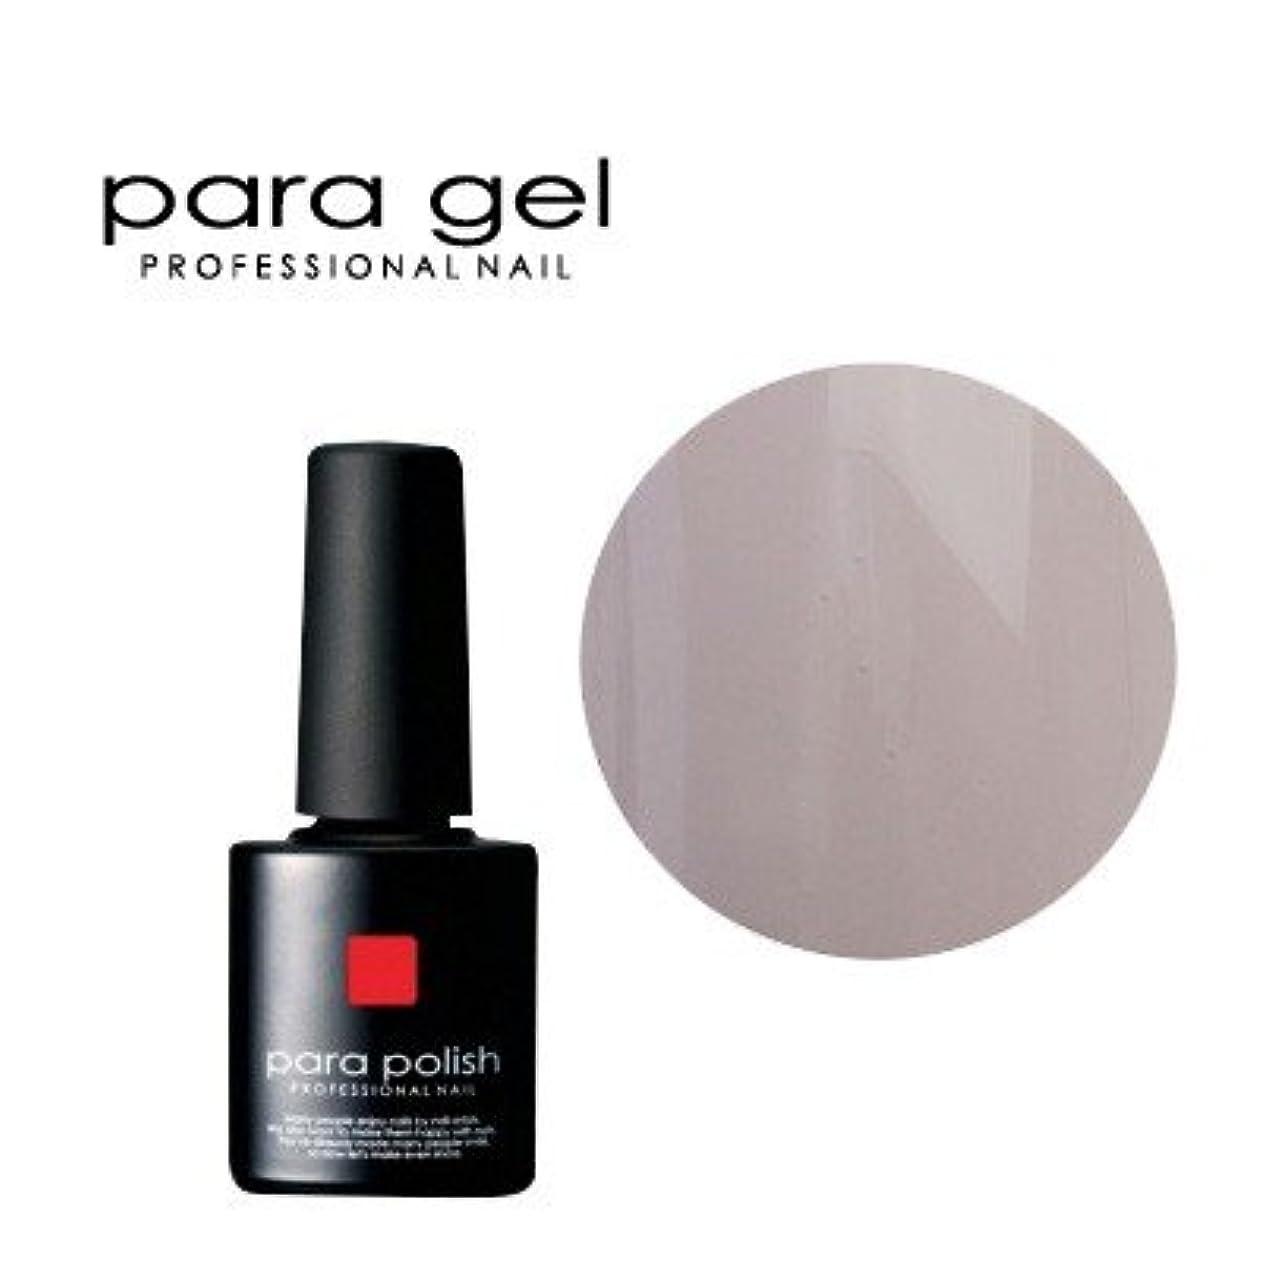 一族市民権ボンドパラジェル para polish(パラポリッシュ) カラージェル MD10 グレージュ 7g